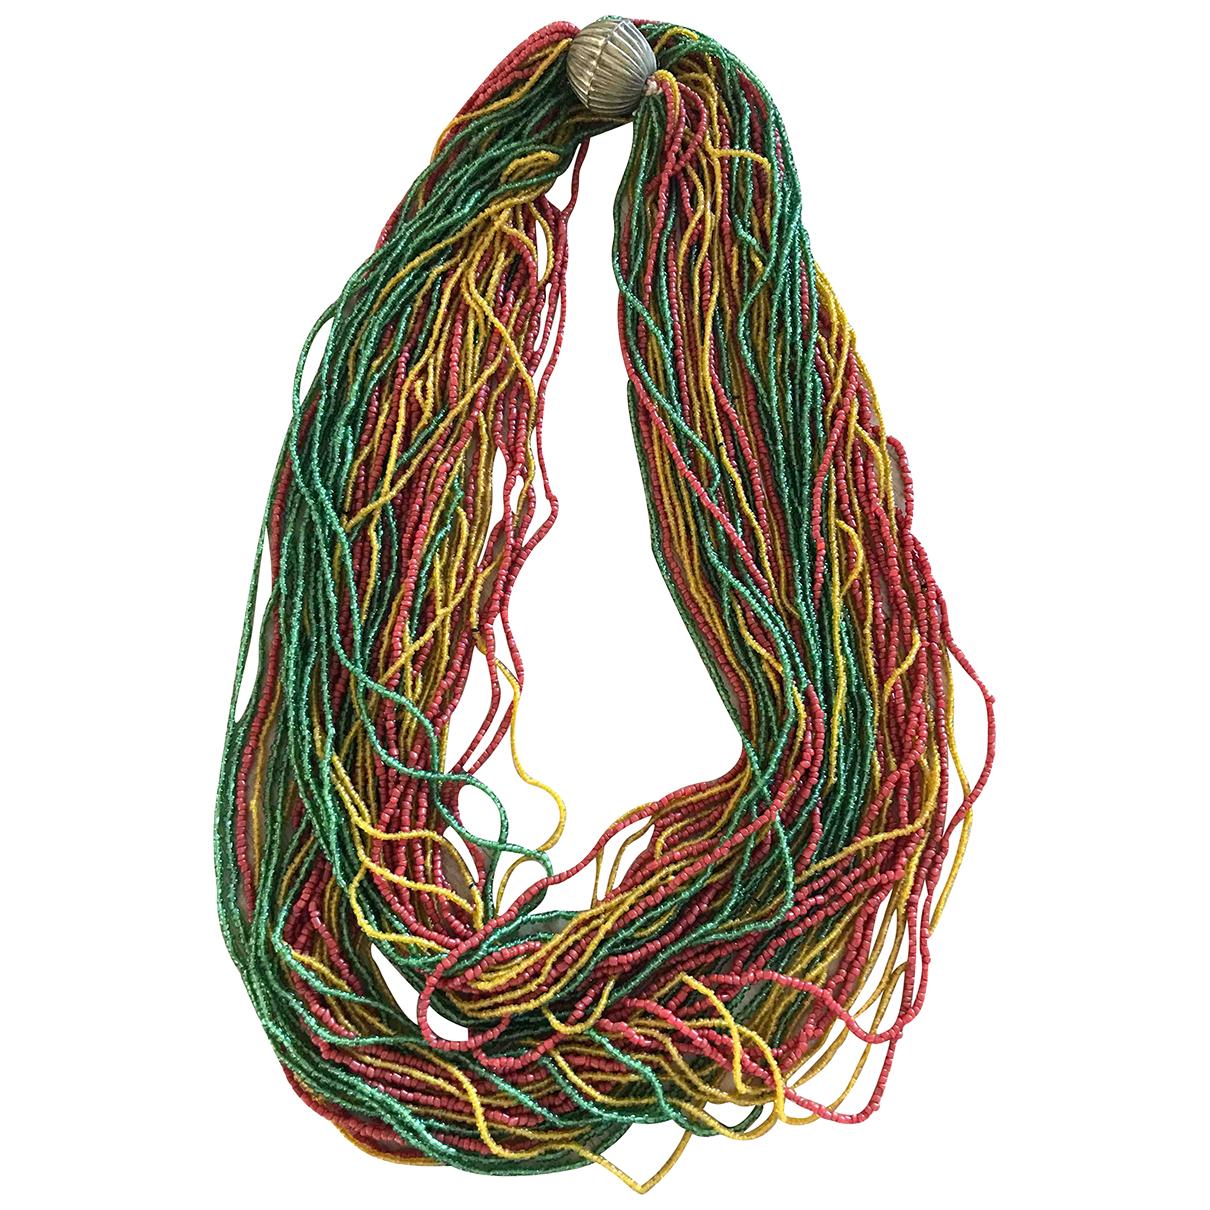 - Collier Motifs Ethniques pour femme en autre - multicolore